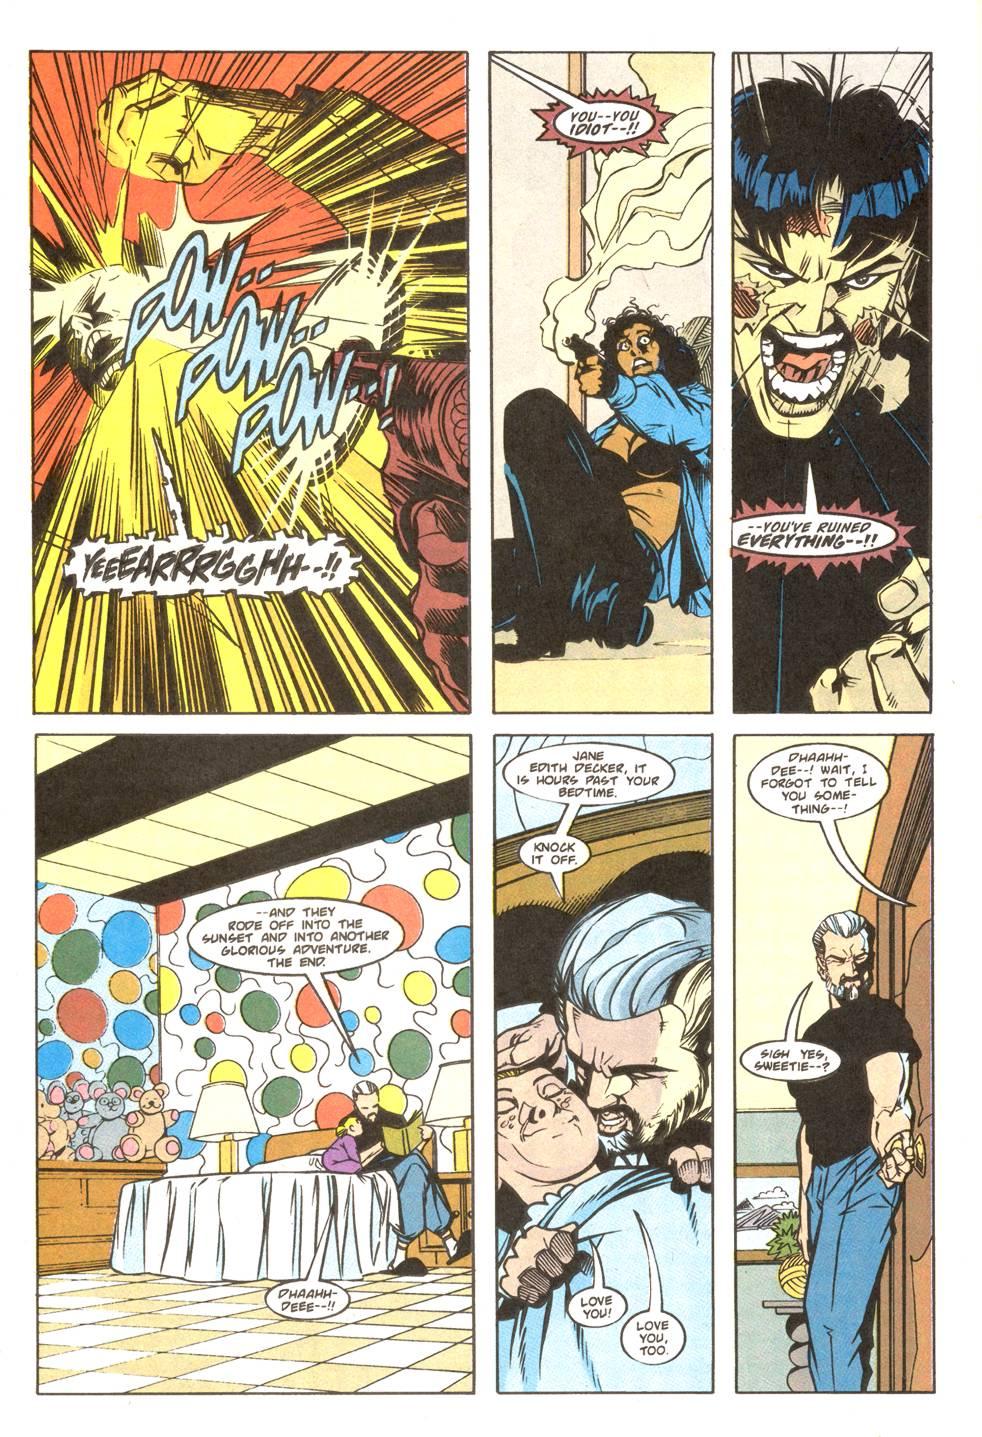 Read online Xero comic -  Issue #11 - 16